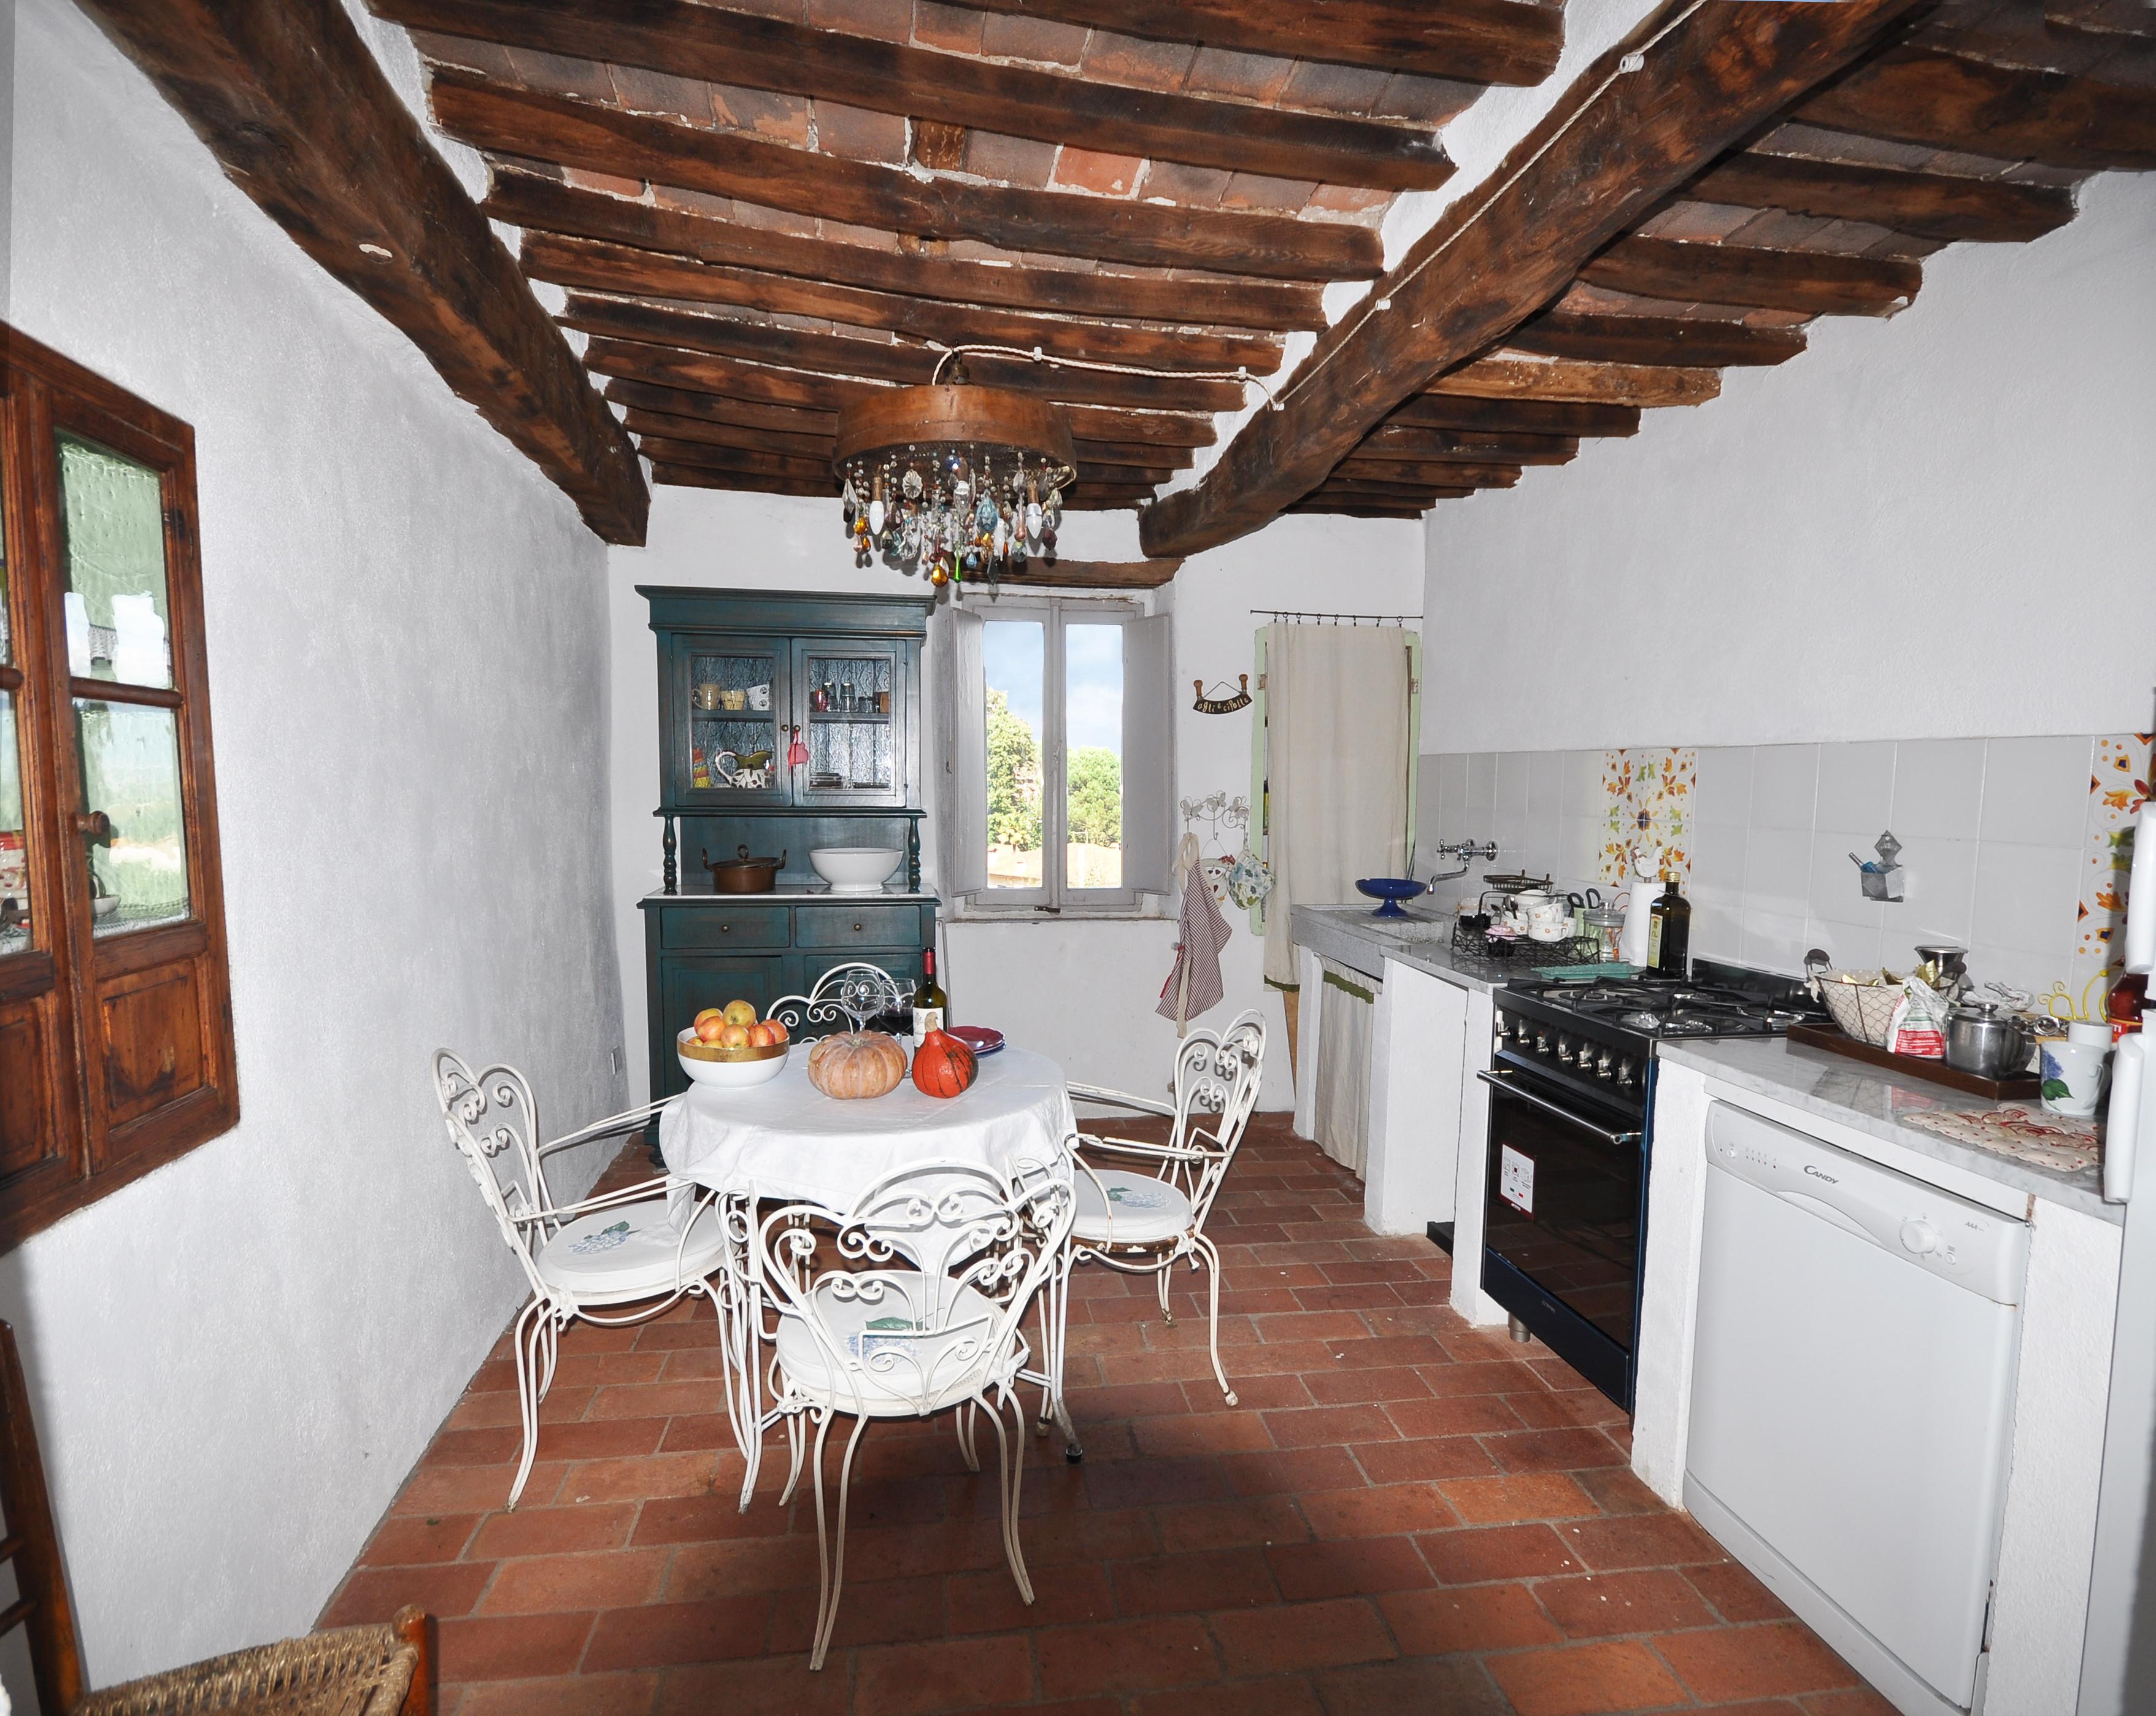 Camere Da Letto Piu Belle Del Mondo casina dell'alloro - apartments for rent in capannori